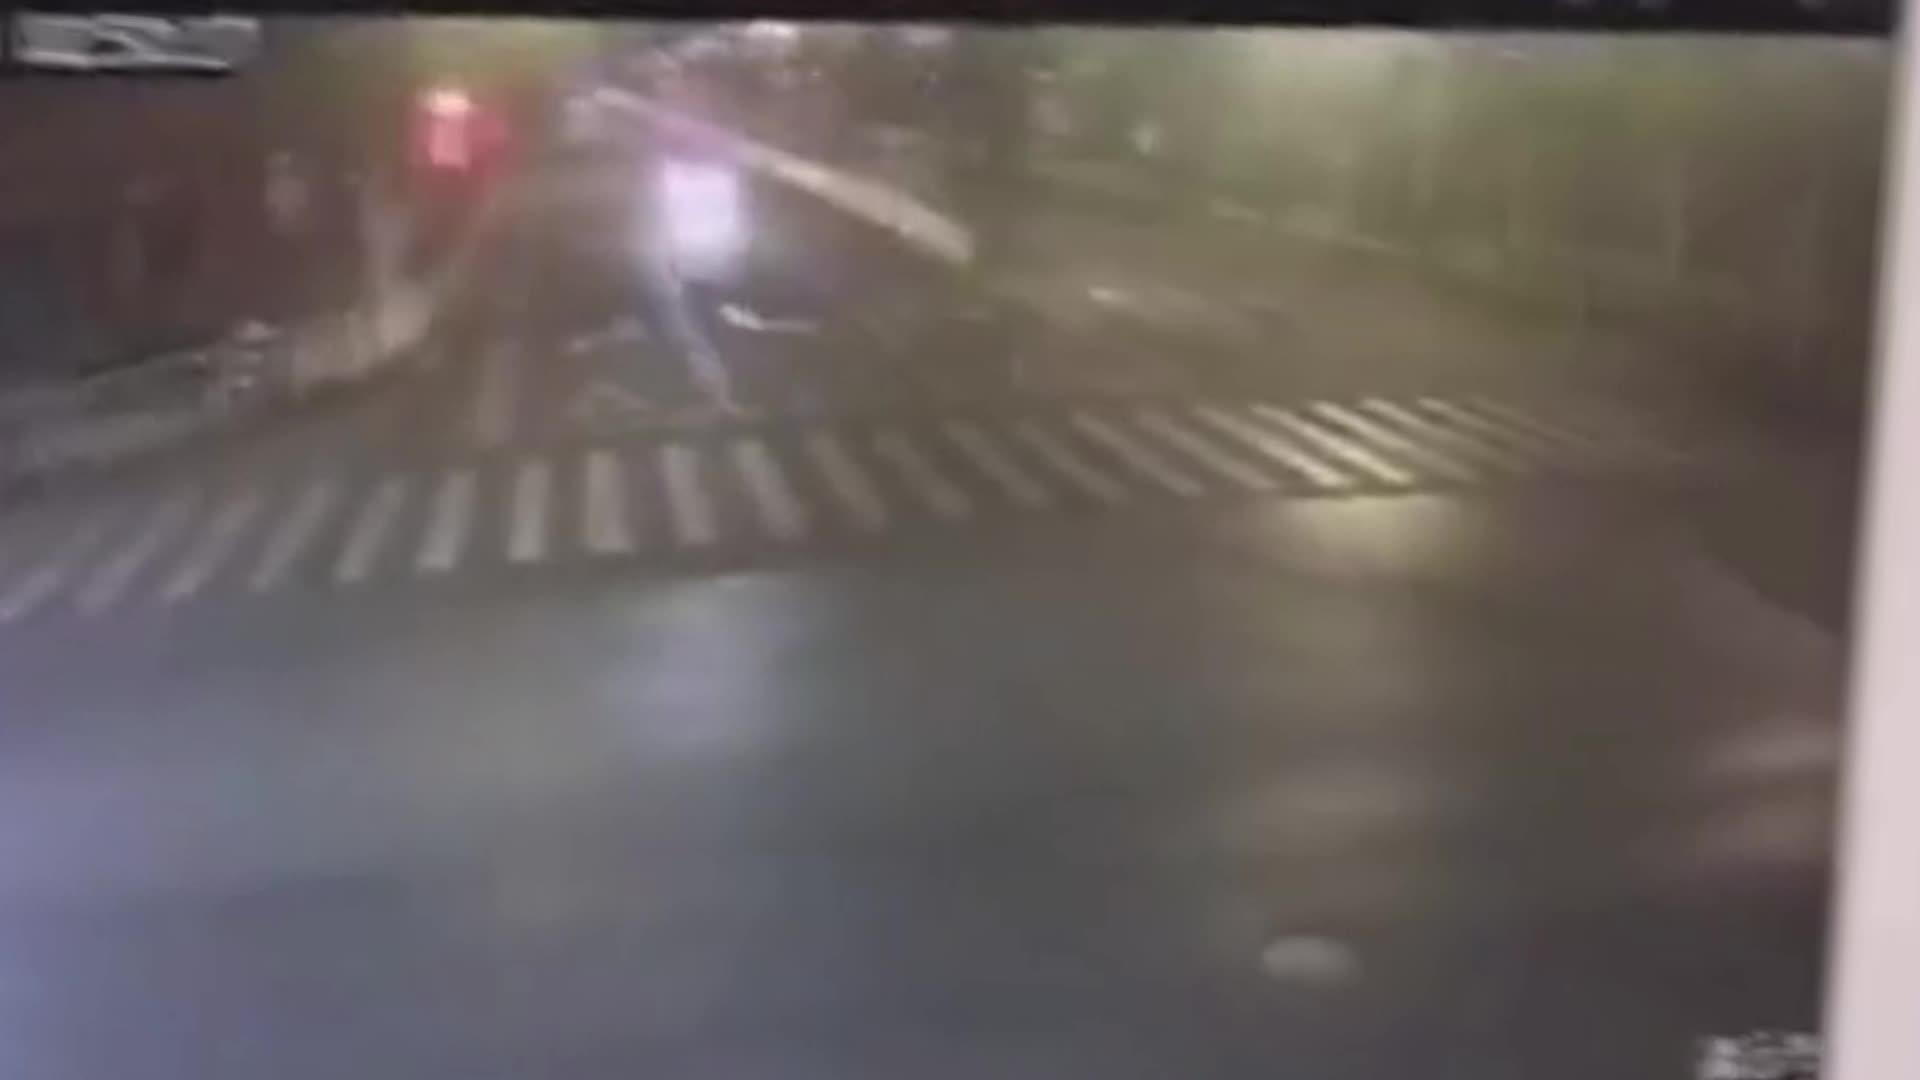 火花四射飞溅!小车凌晨街头极速狂飙冲上平台腾空侧翻